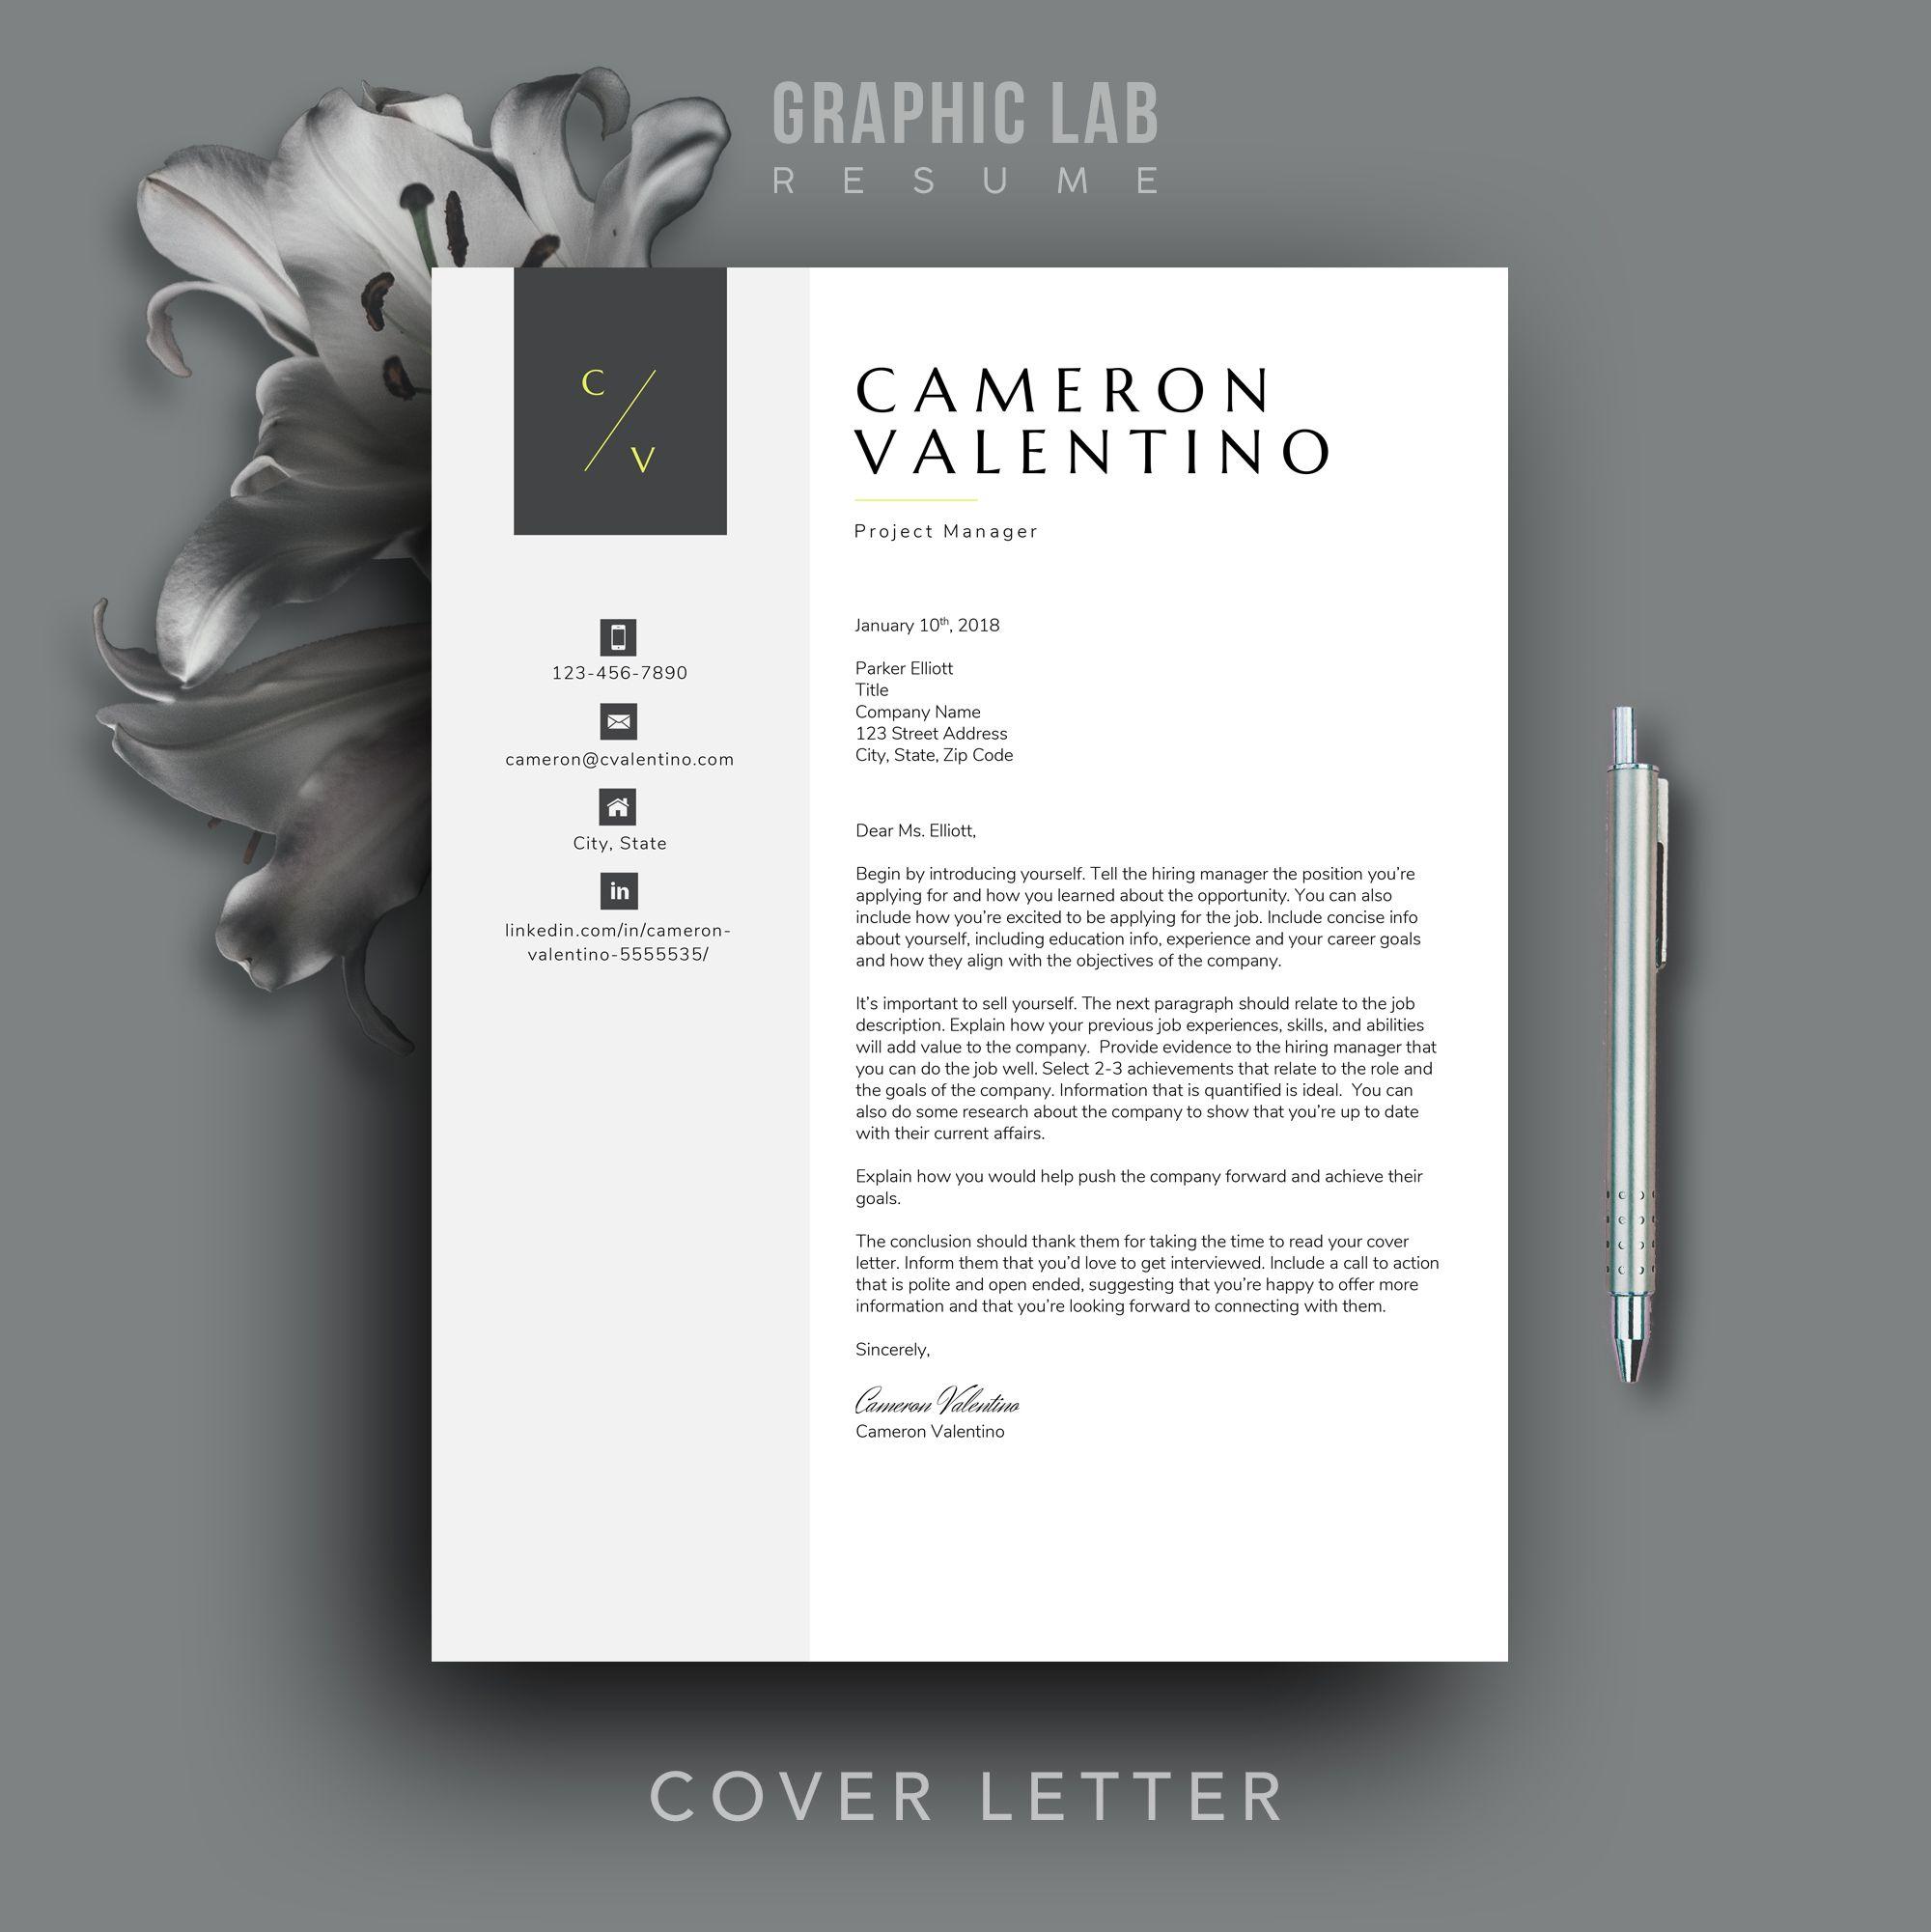 Modern Resume Template Cv Design Resume Template Word Modern Resume Design Cv Template Professional Resume Cover Letter Cv In 2021 Modern Resume Template Resume Design Resume Template